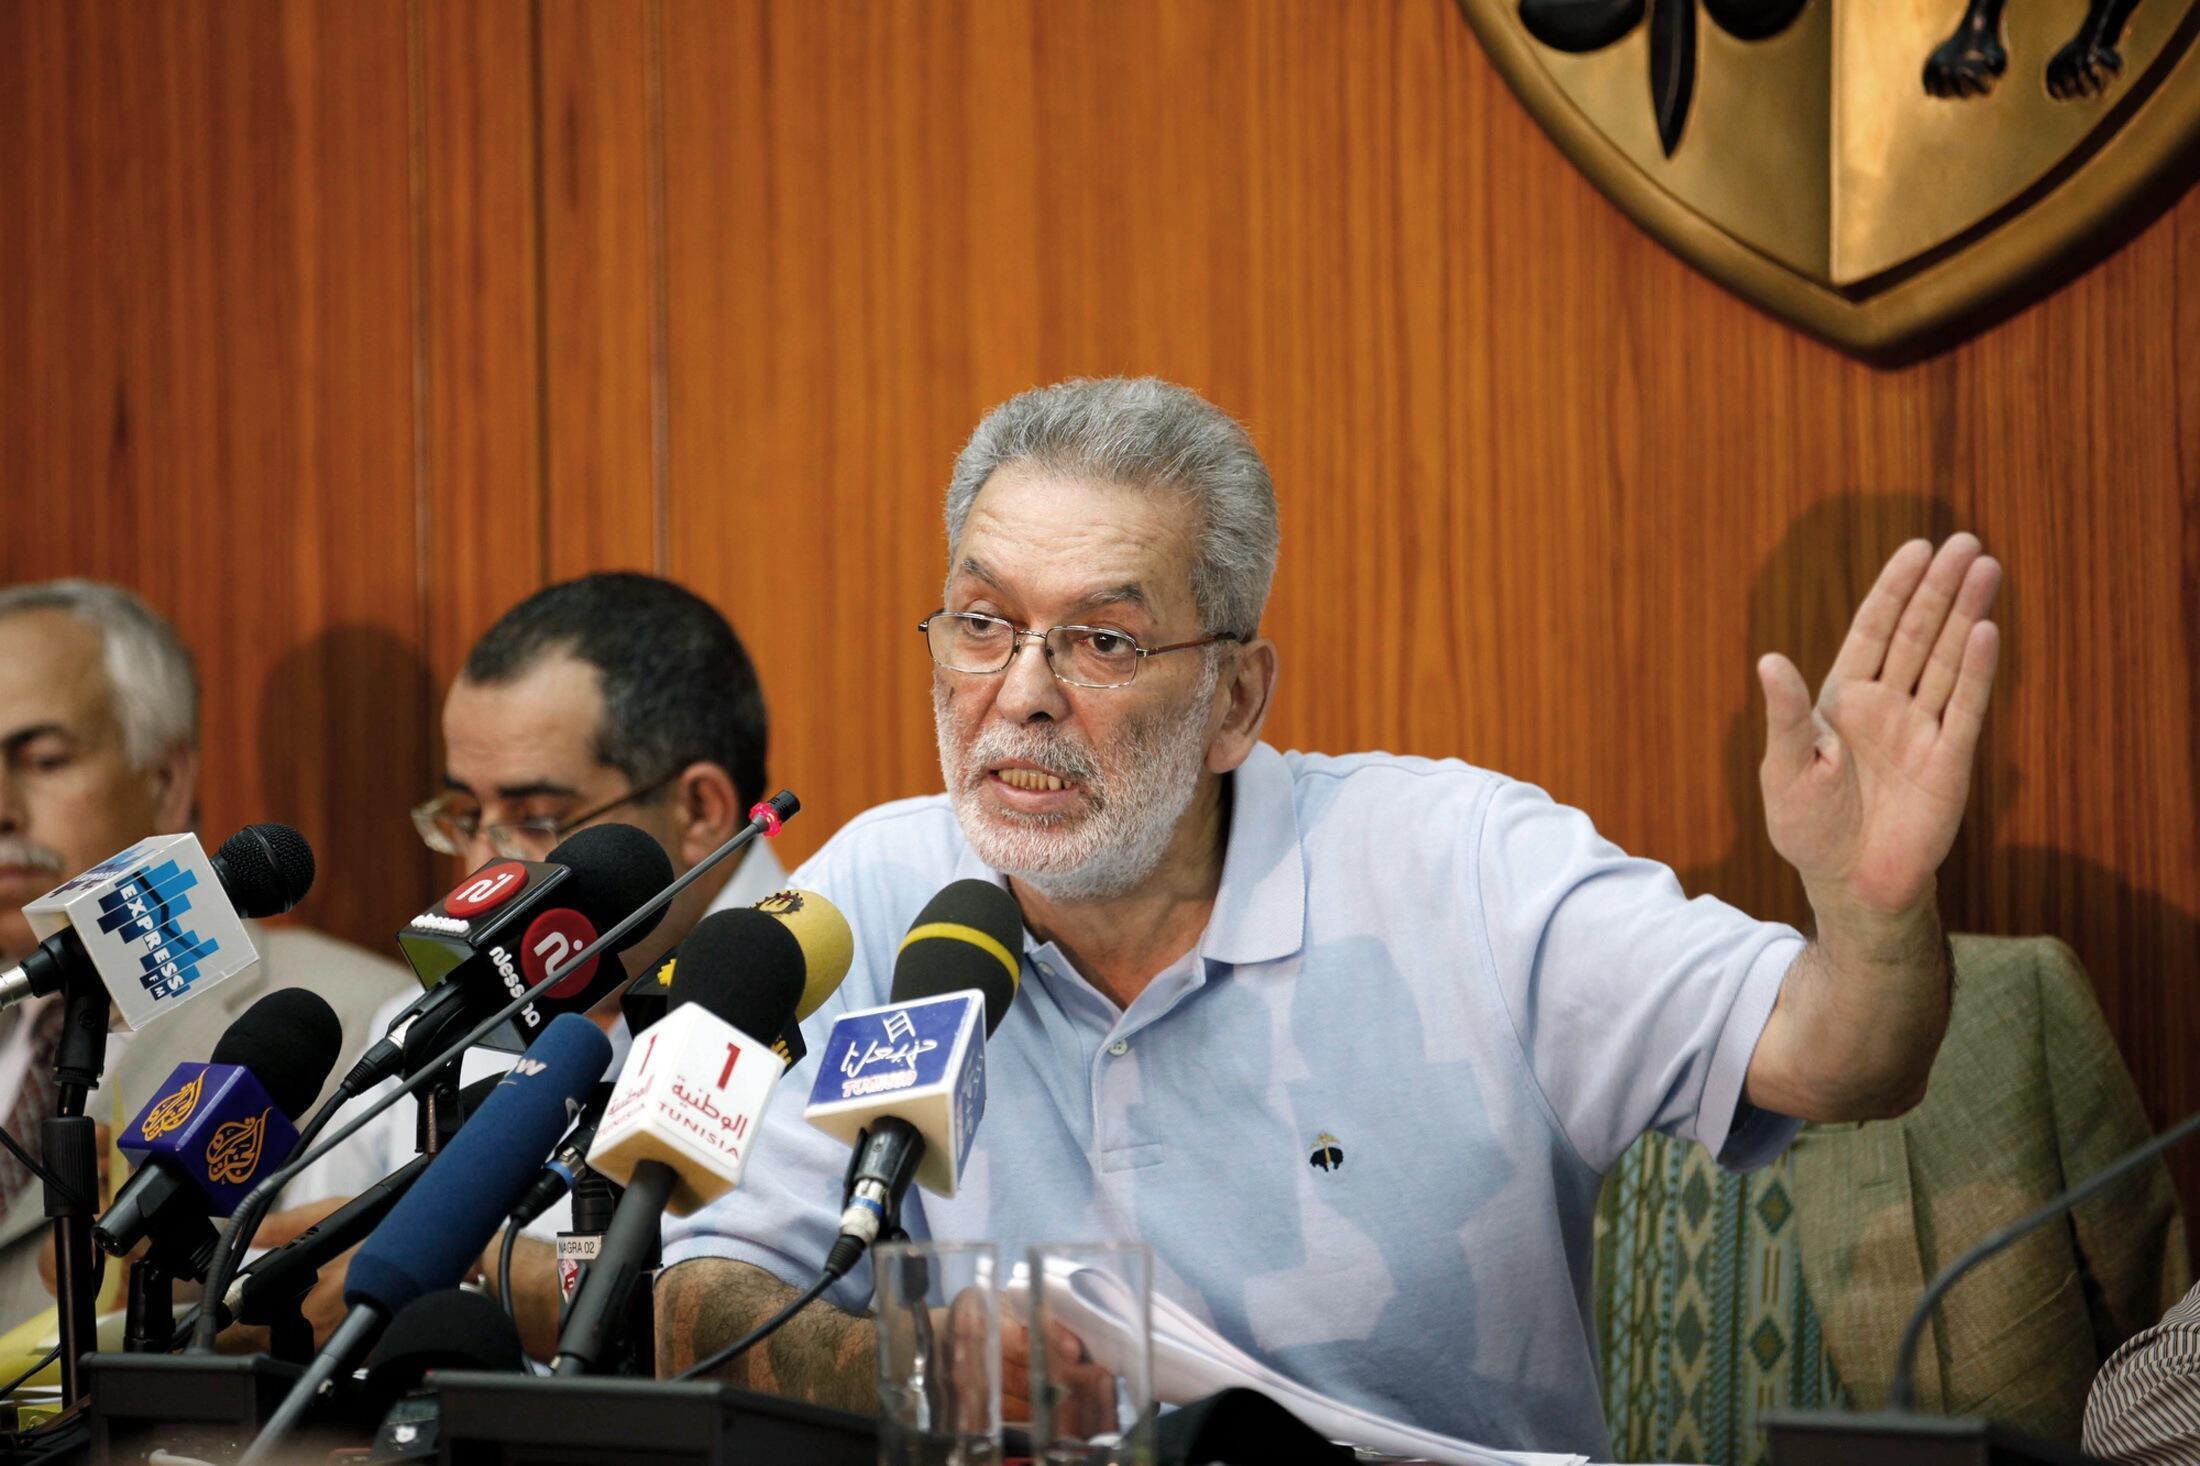 Kamel Jendoubi, le président de la Commission électorale tunisienne lors d'une conférence de presse à Tunis le 26 mai 2011.